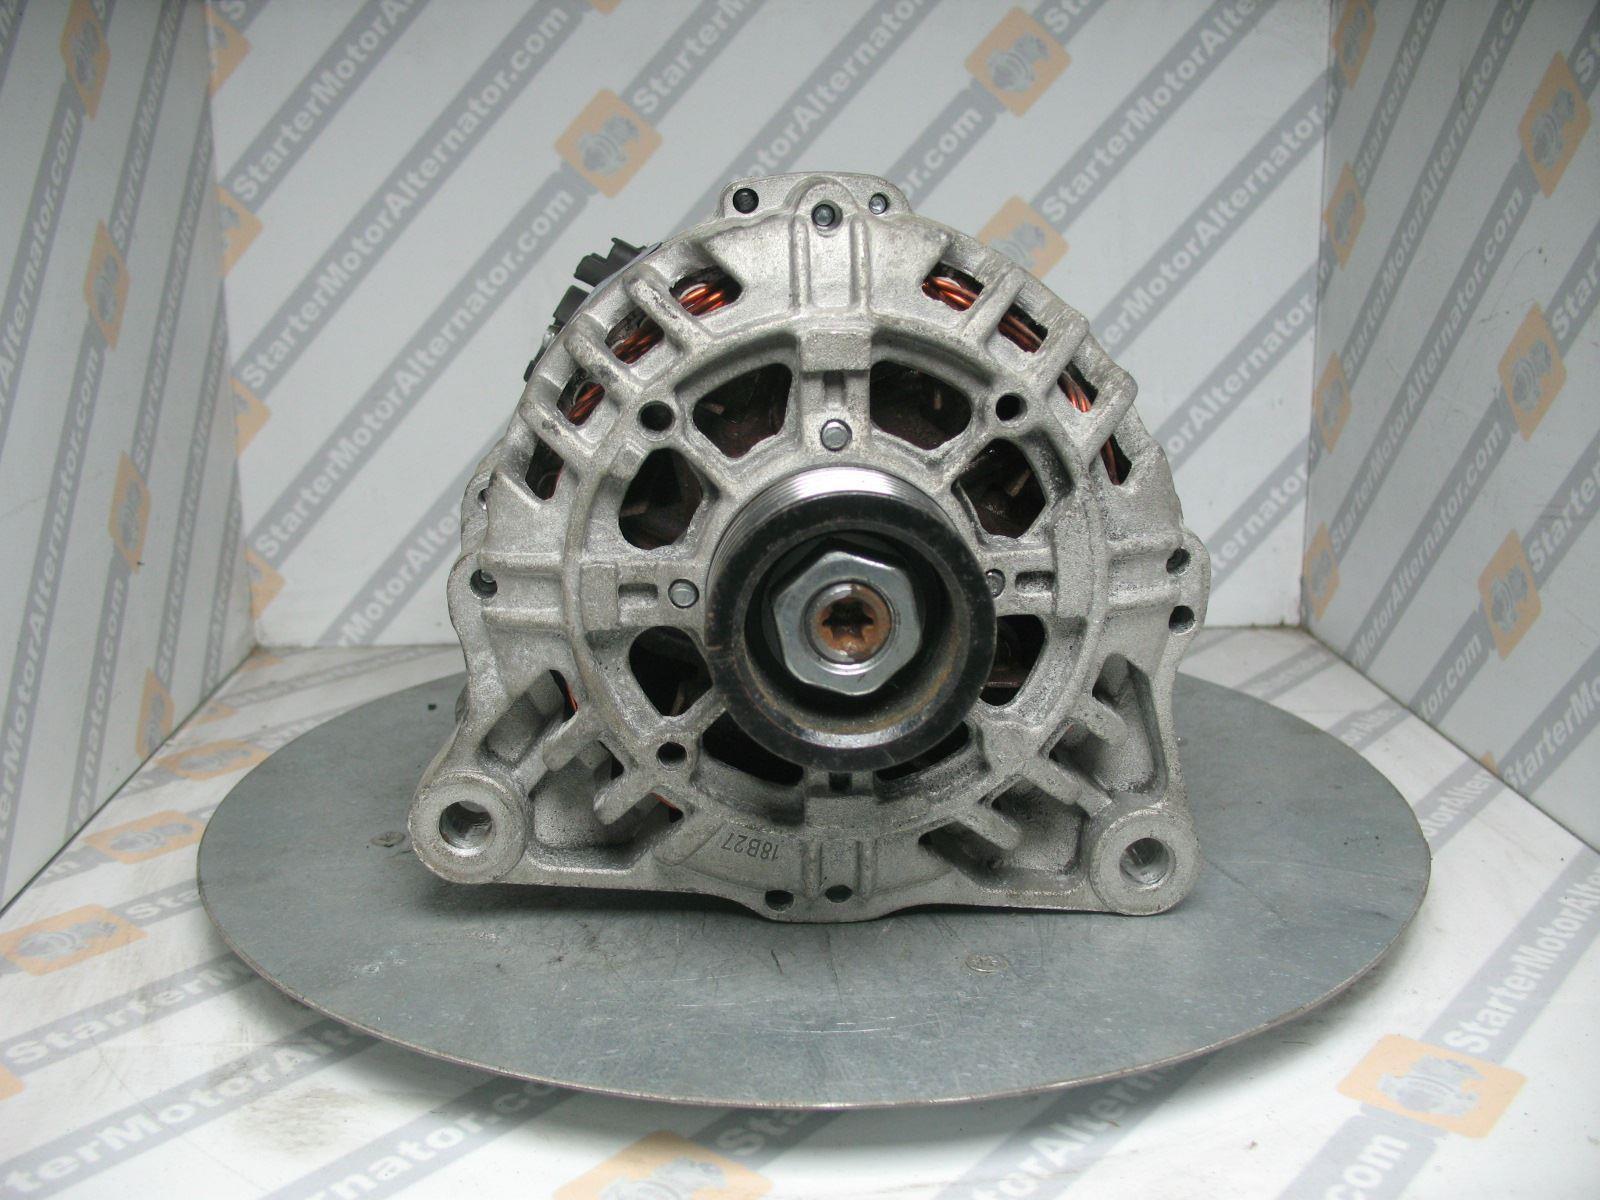 XIK2164 Alternator For Citroen / Peugeot